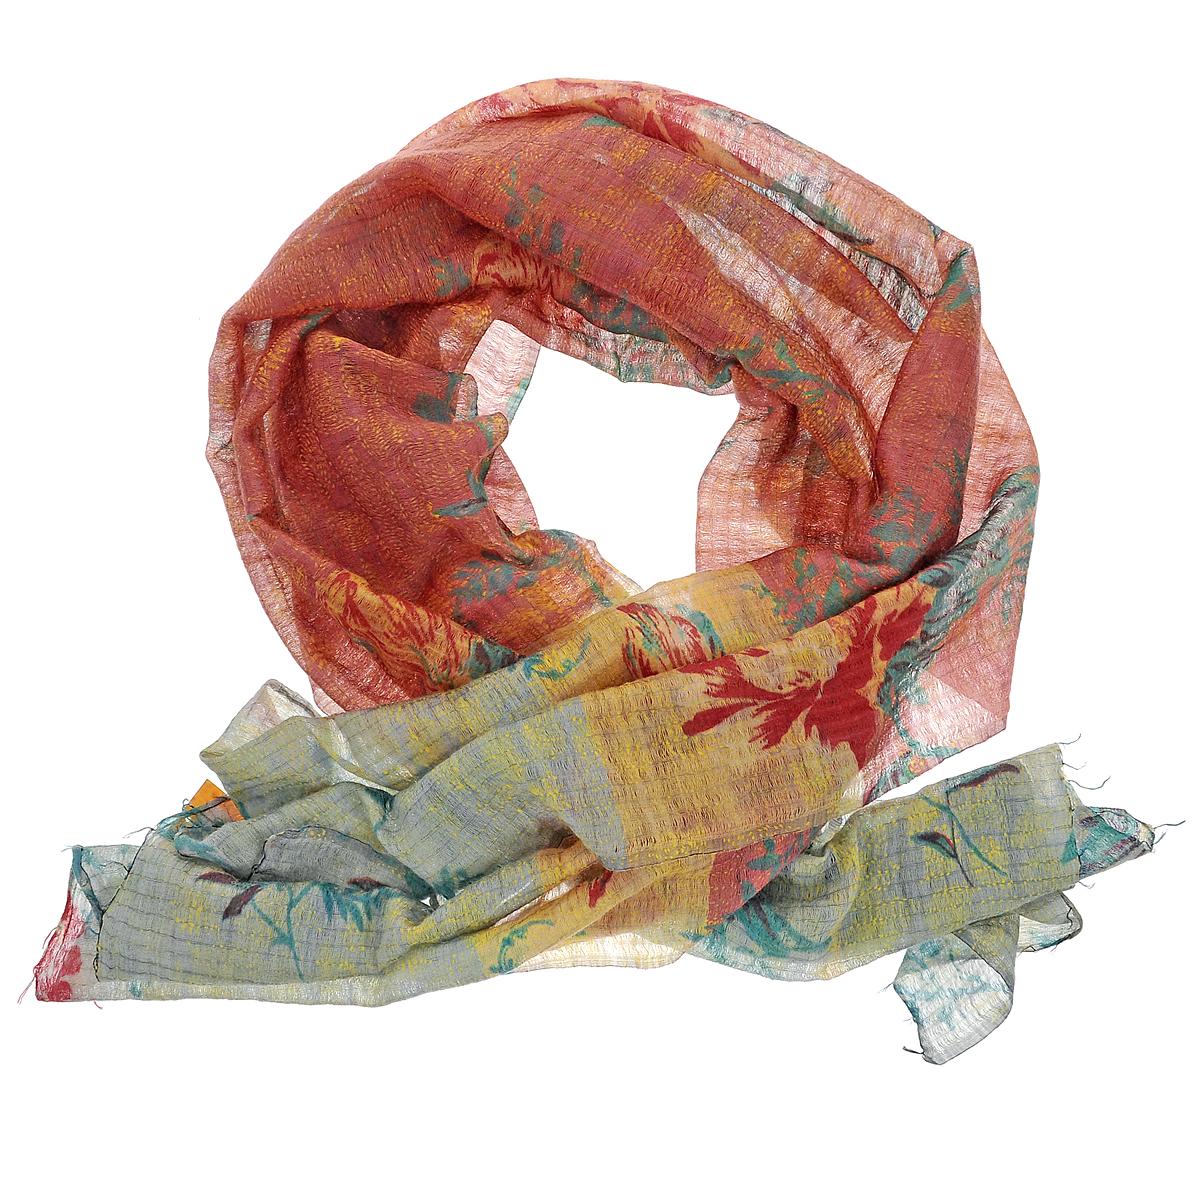 ПалантинSW-KANTHA/PINKСтильный палантин Michel Katana согреет в холодное время года, а также станет изысканным аксессуаром, который призван подчеркнуть вашу индивидуальность и стиль. Палантин выполнен из шерсти с добавлением шелка и декорирован цветочным орнаментом. По краям изделие оформлено кисточками.